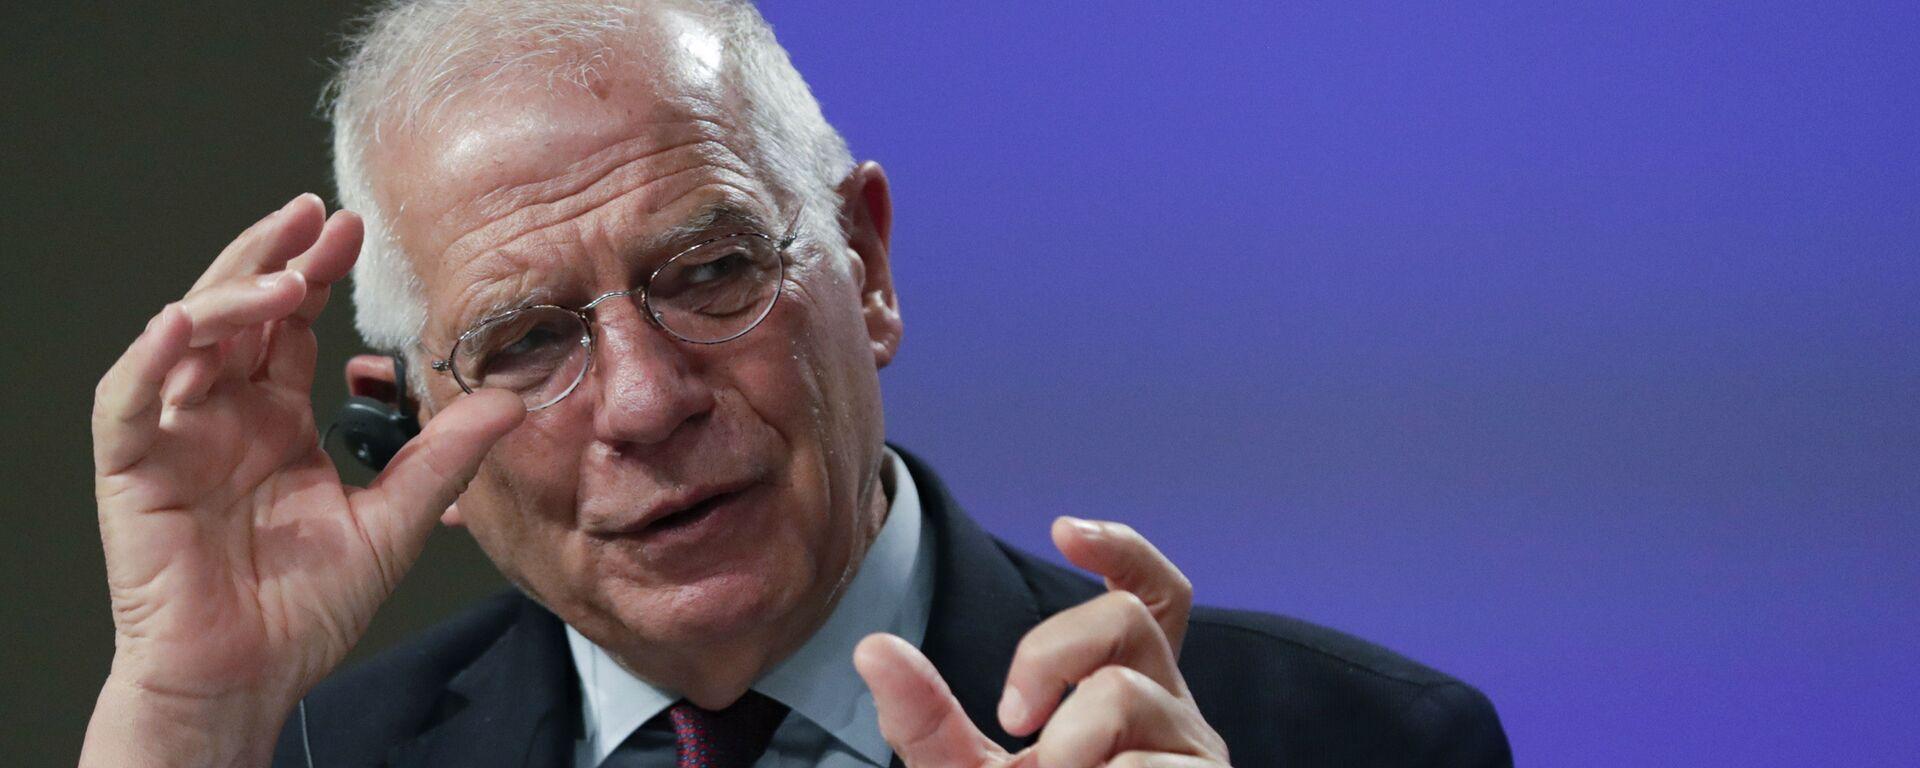 L'alto rappresentante per la politica estera e sicurezza dell'UE, Josep Borrell - Sputnik Italia, 1920, 02.09.2021